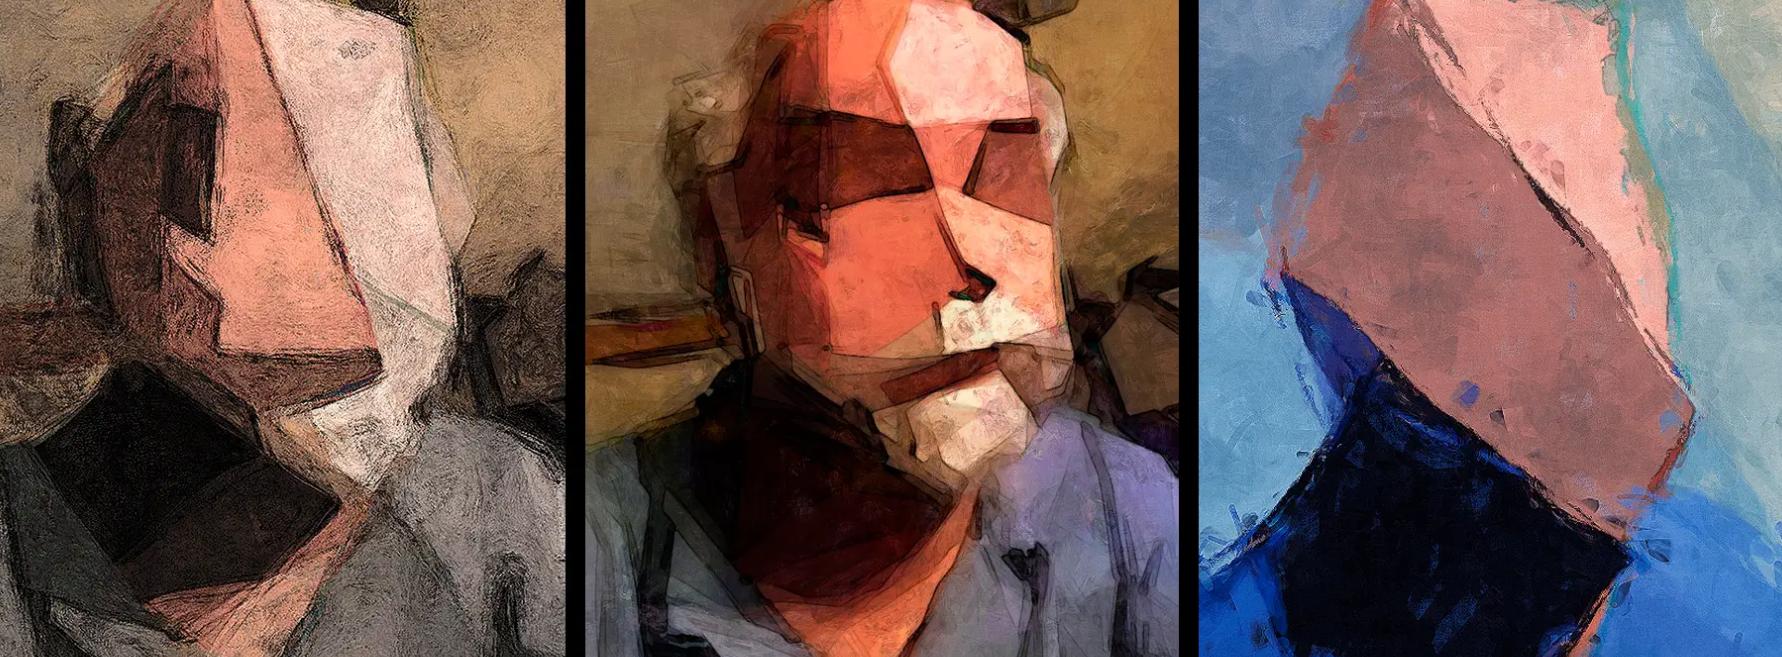 当马赛克被AI看穿,我们的隐私将藏于何处?